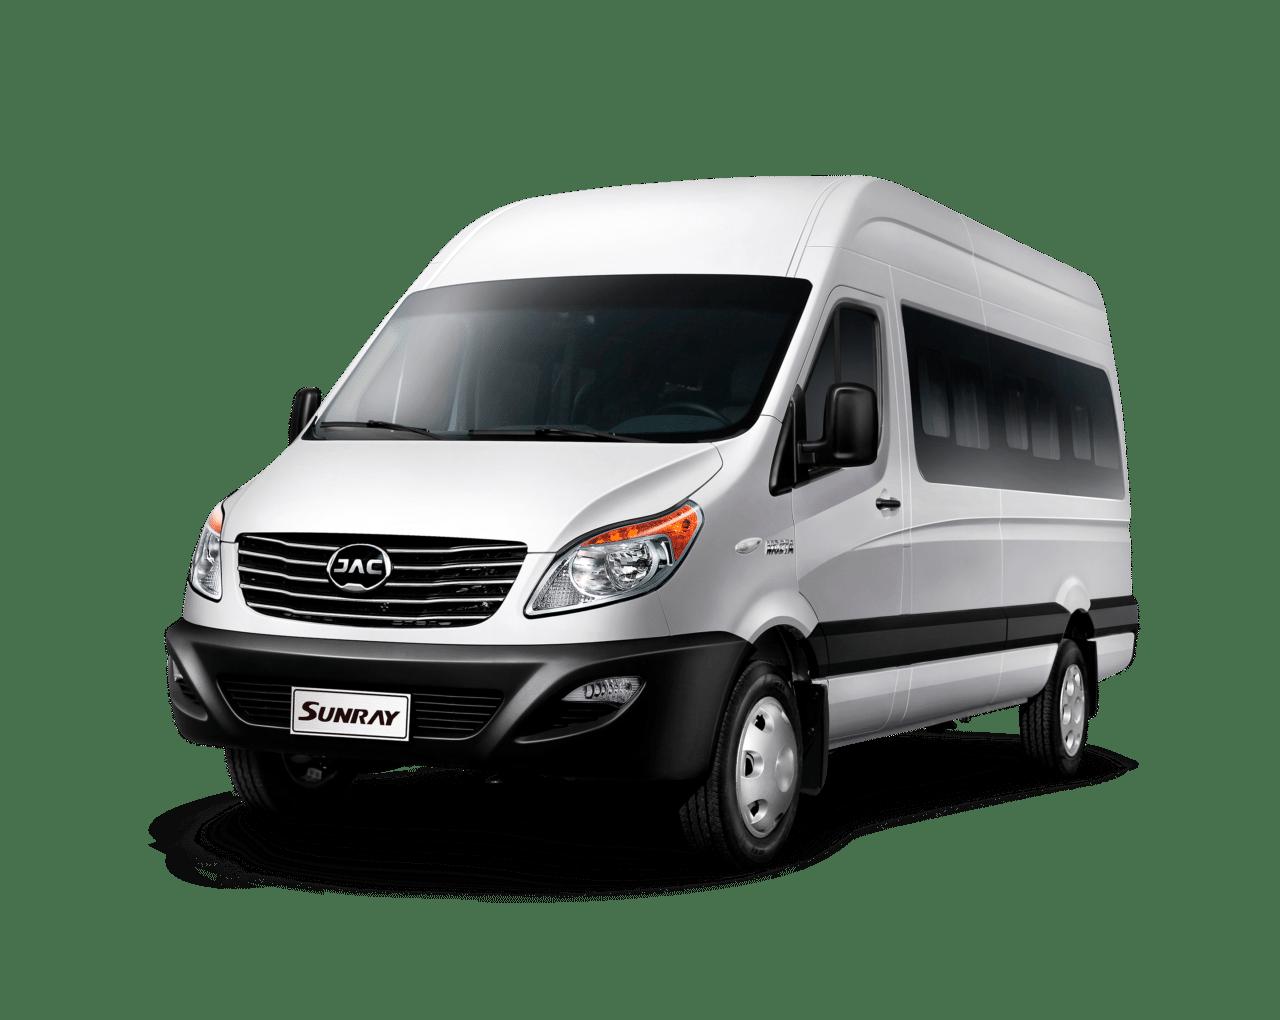 Sunray, el vehículo comercial de JAC, es pieza clave en ventas